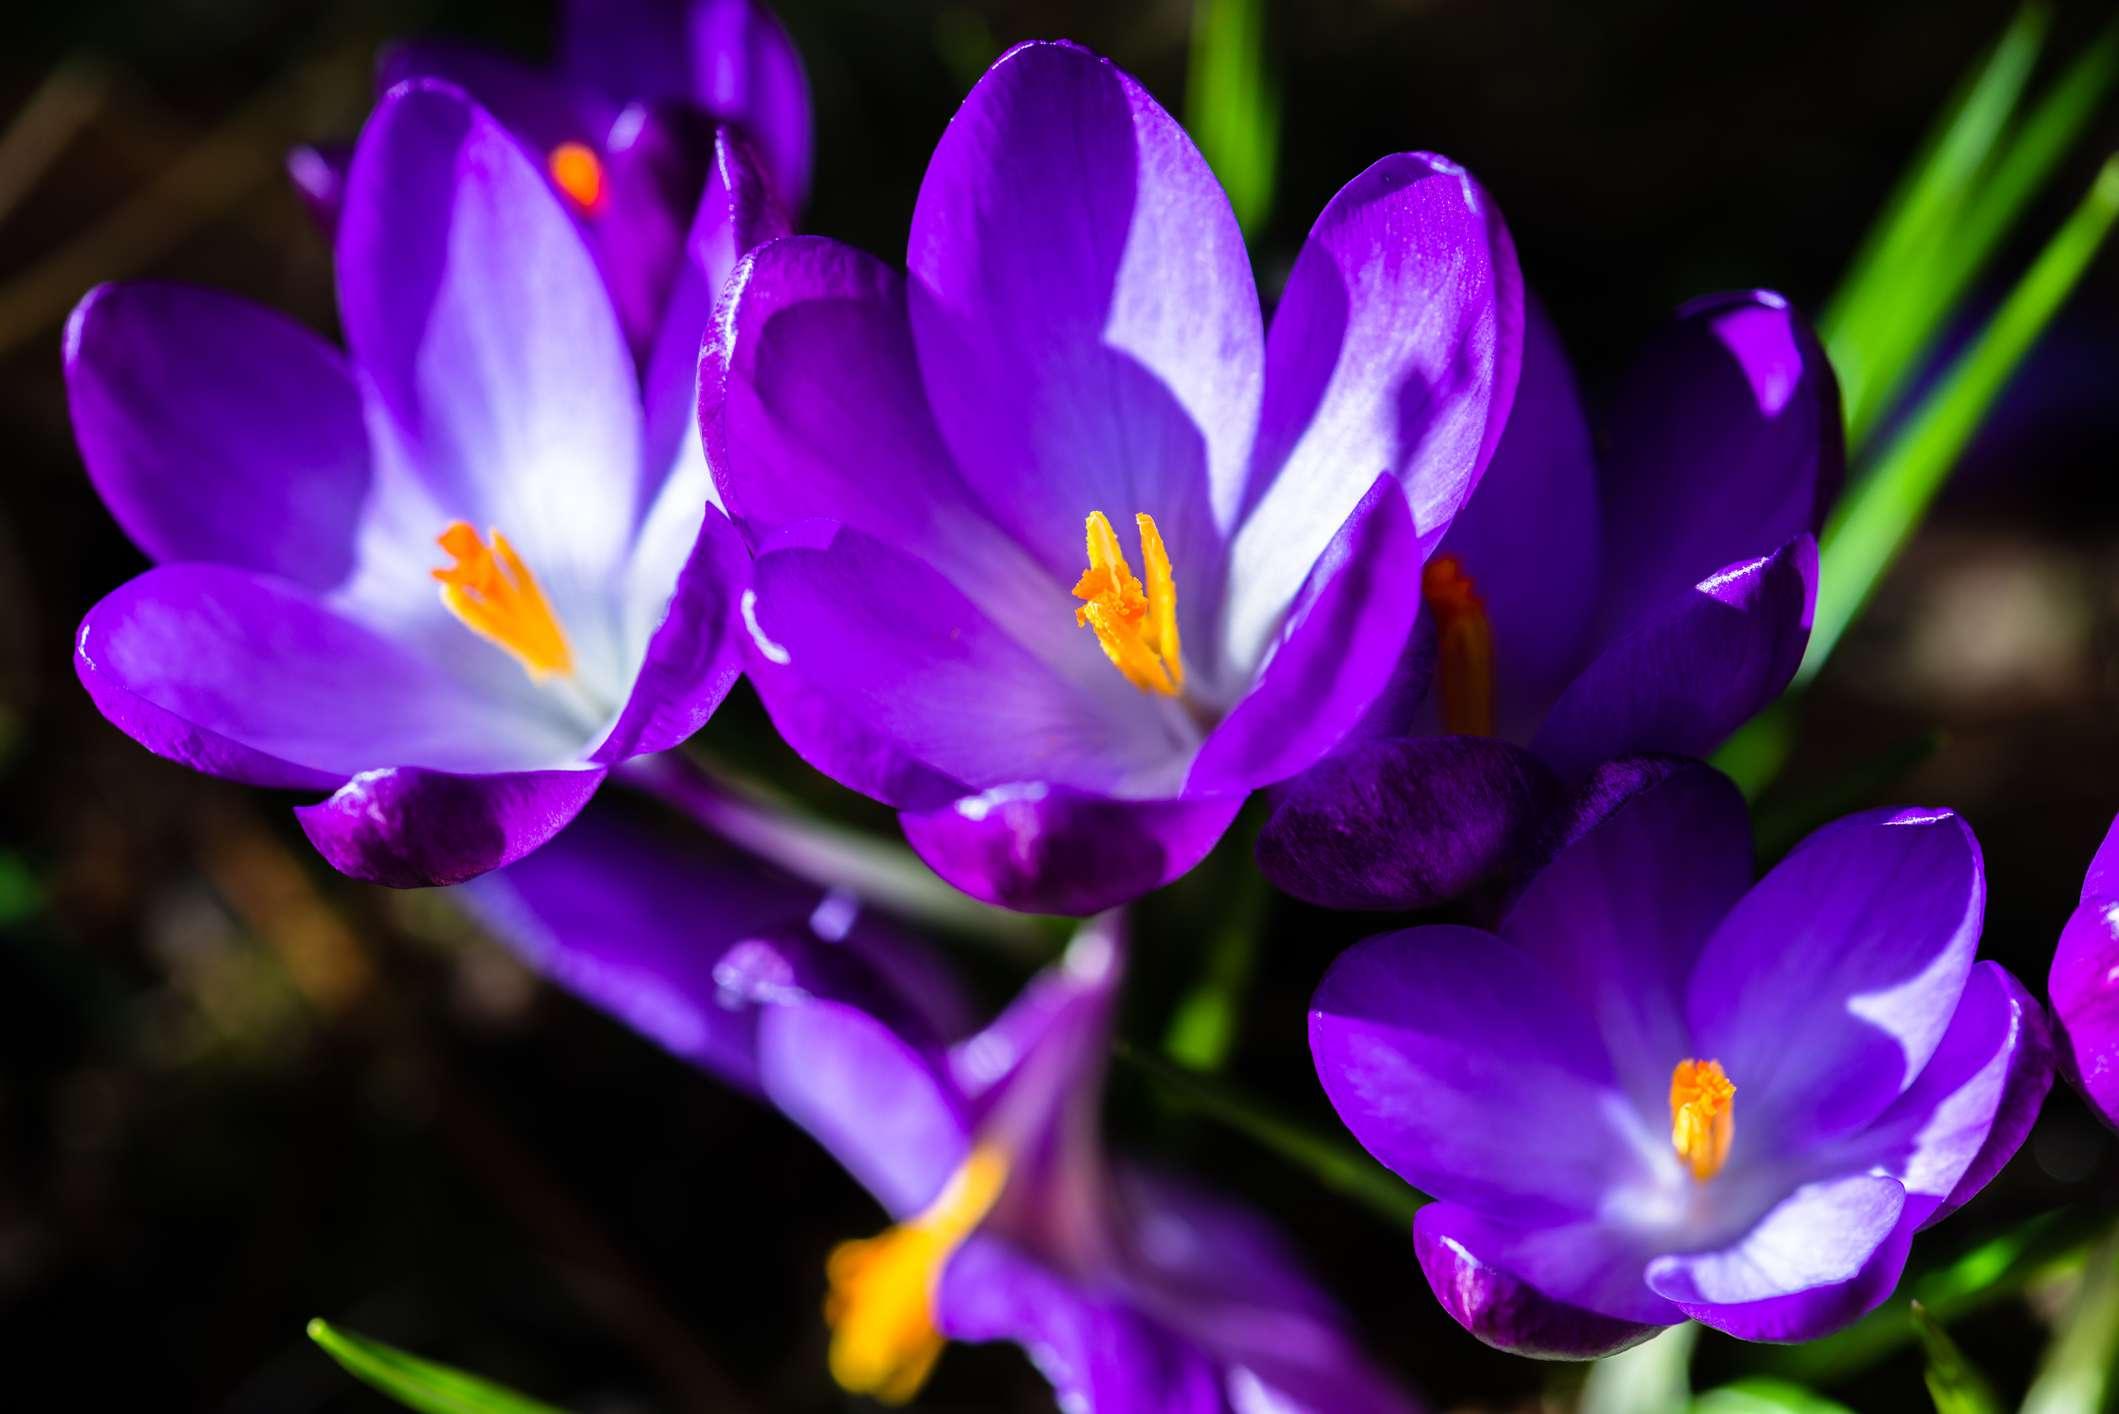 Bunch of purple flowering crocus growing in garden